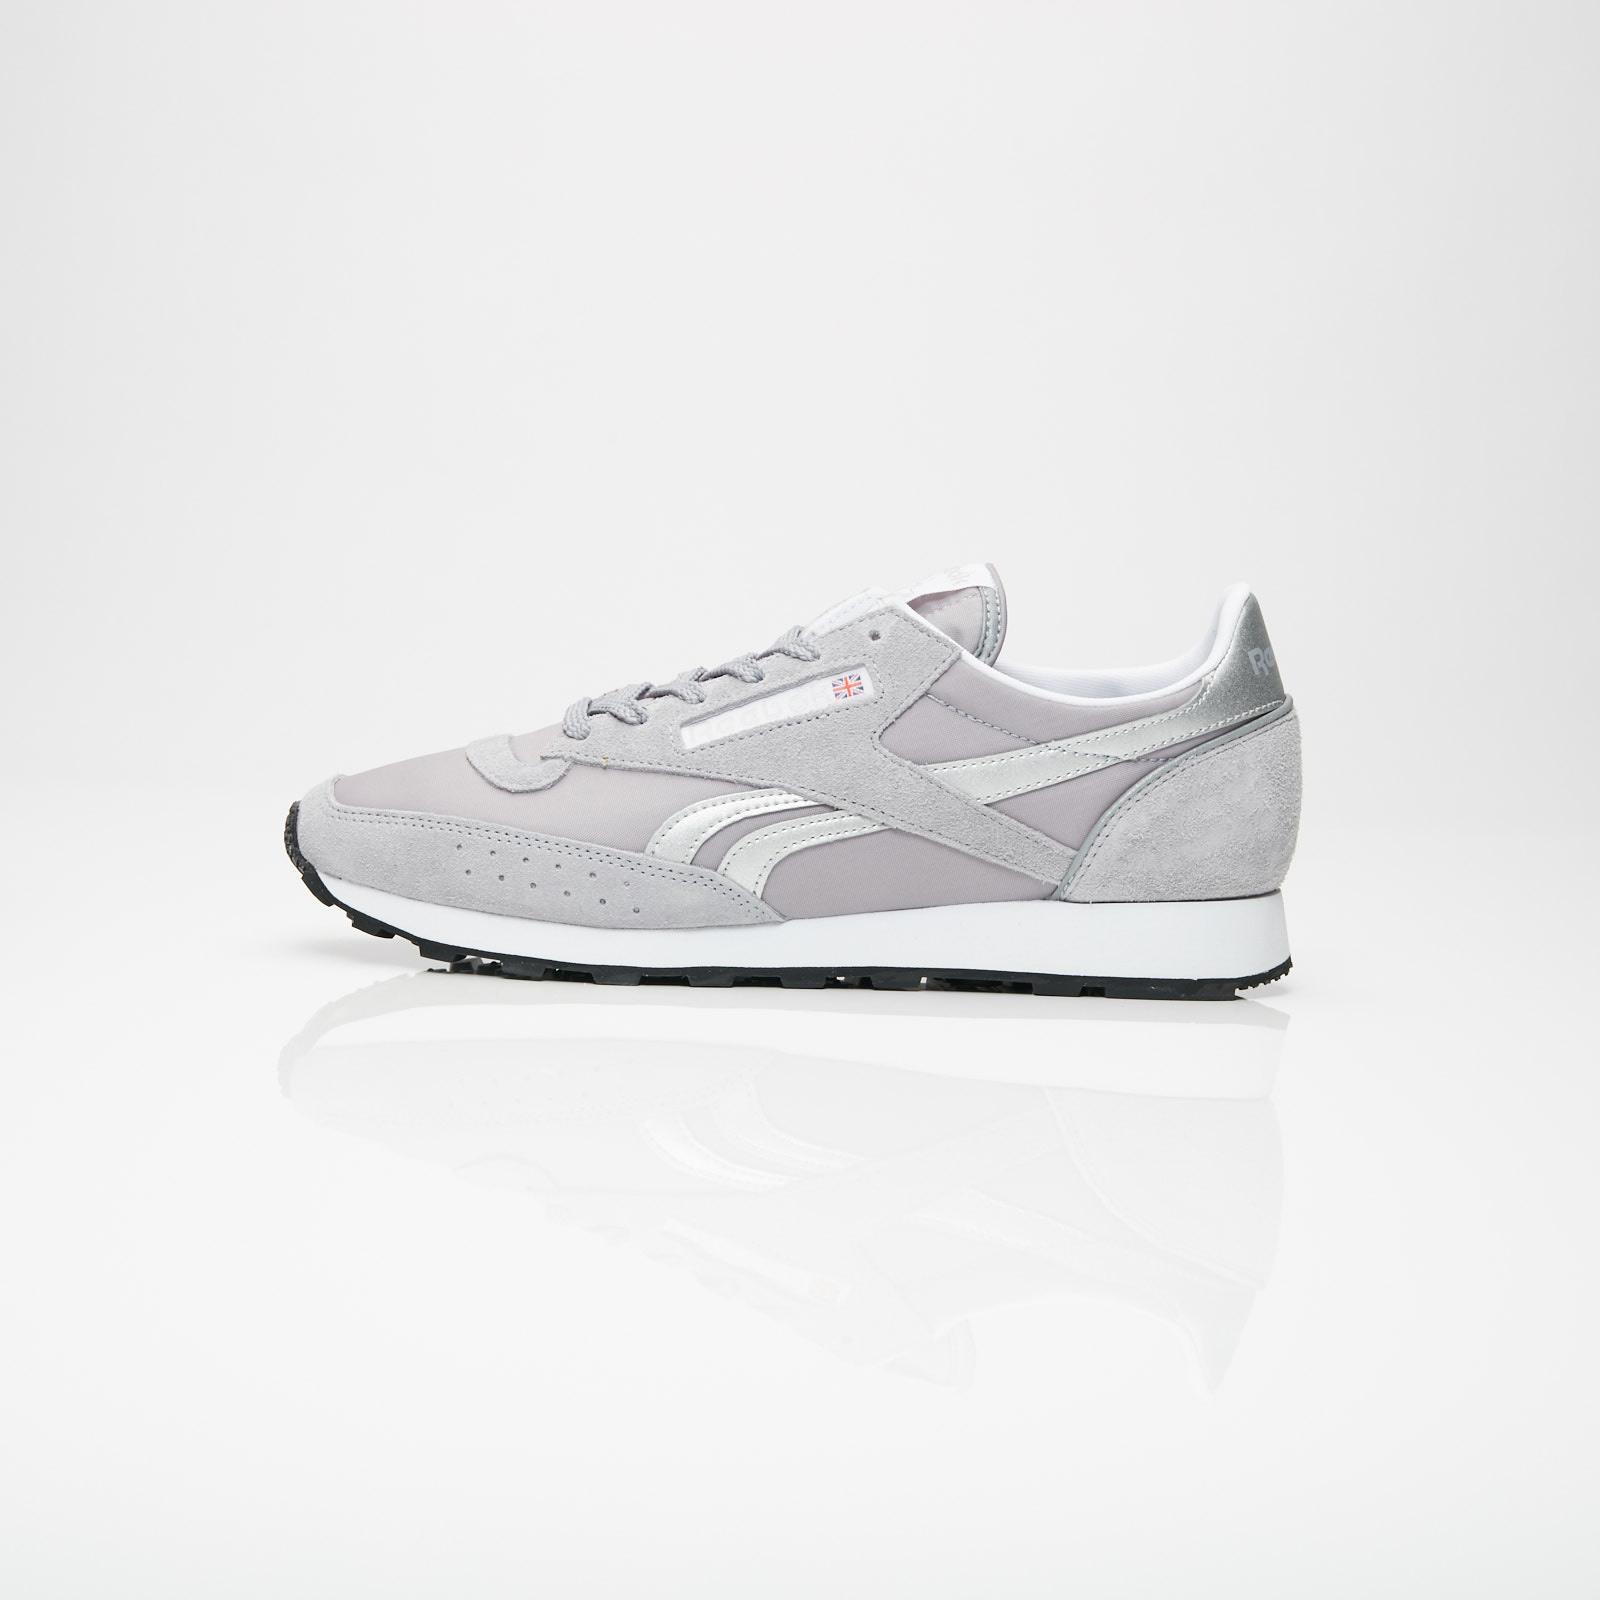 7f638668b547c Reebok Classic 83 - Cn3595 - Sneakersnstuff